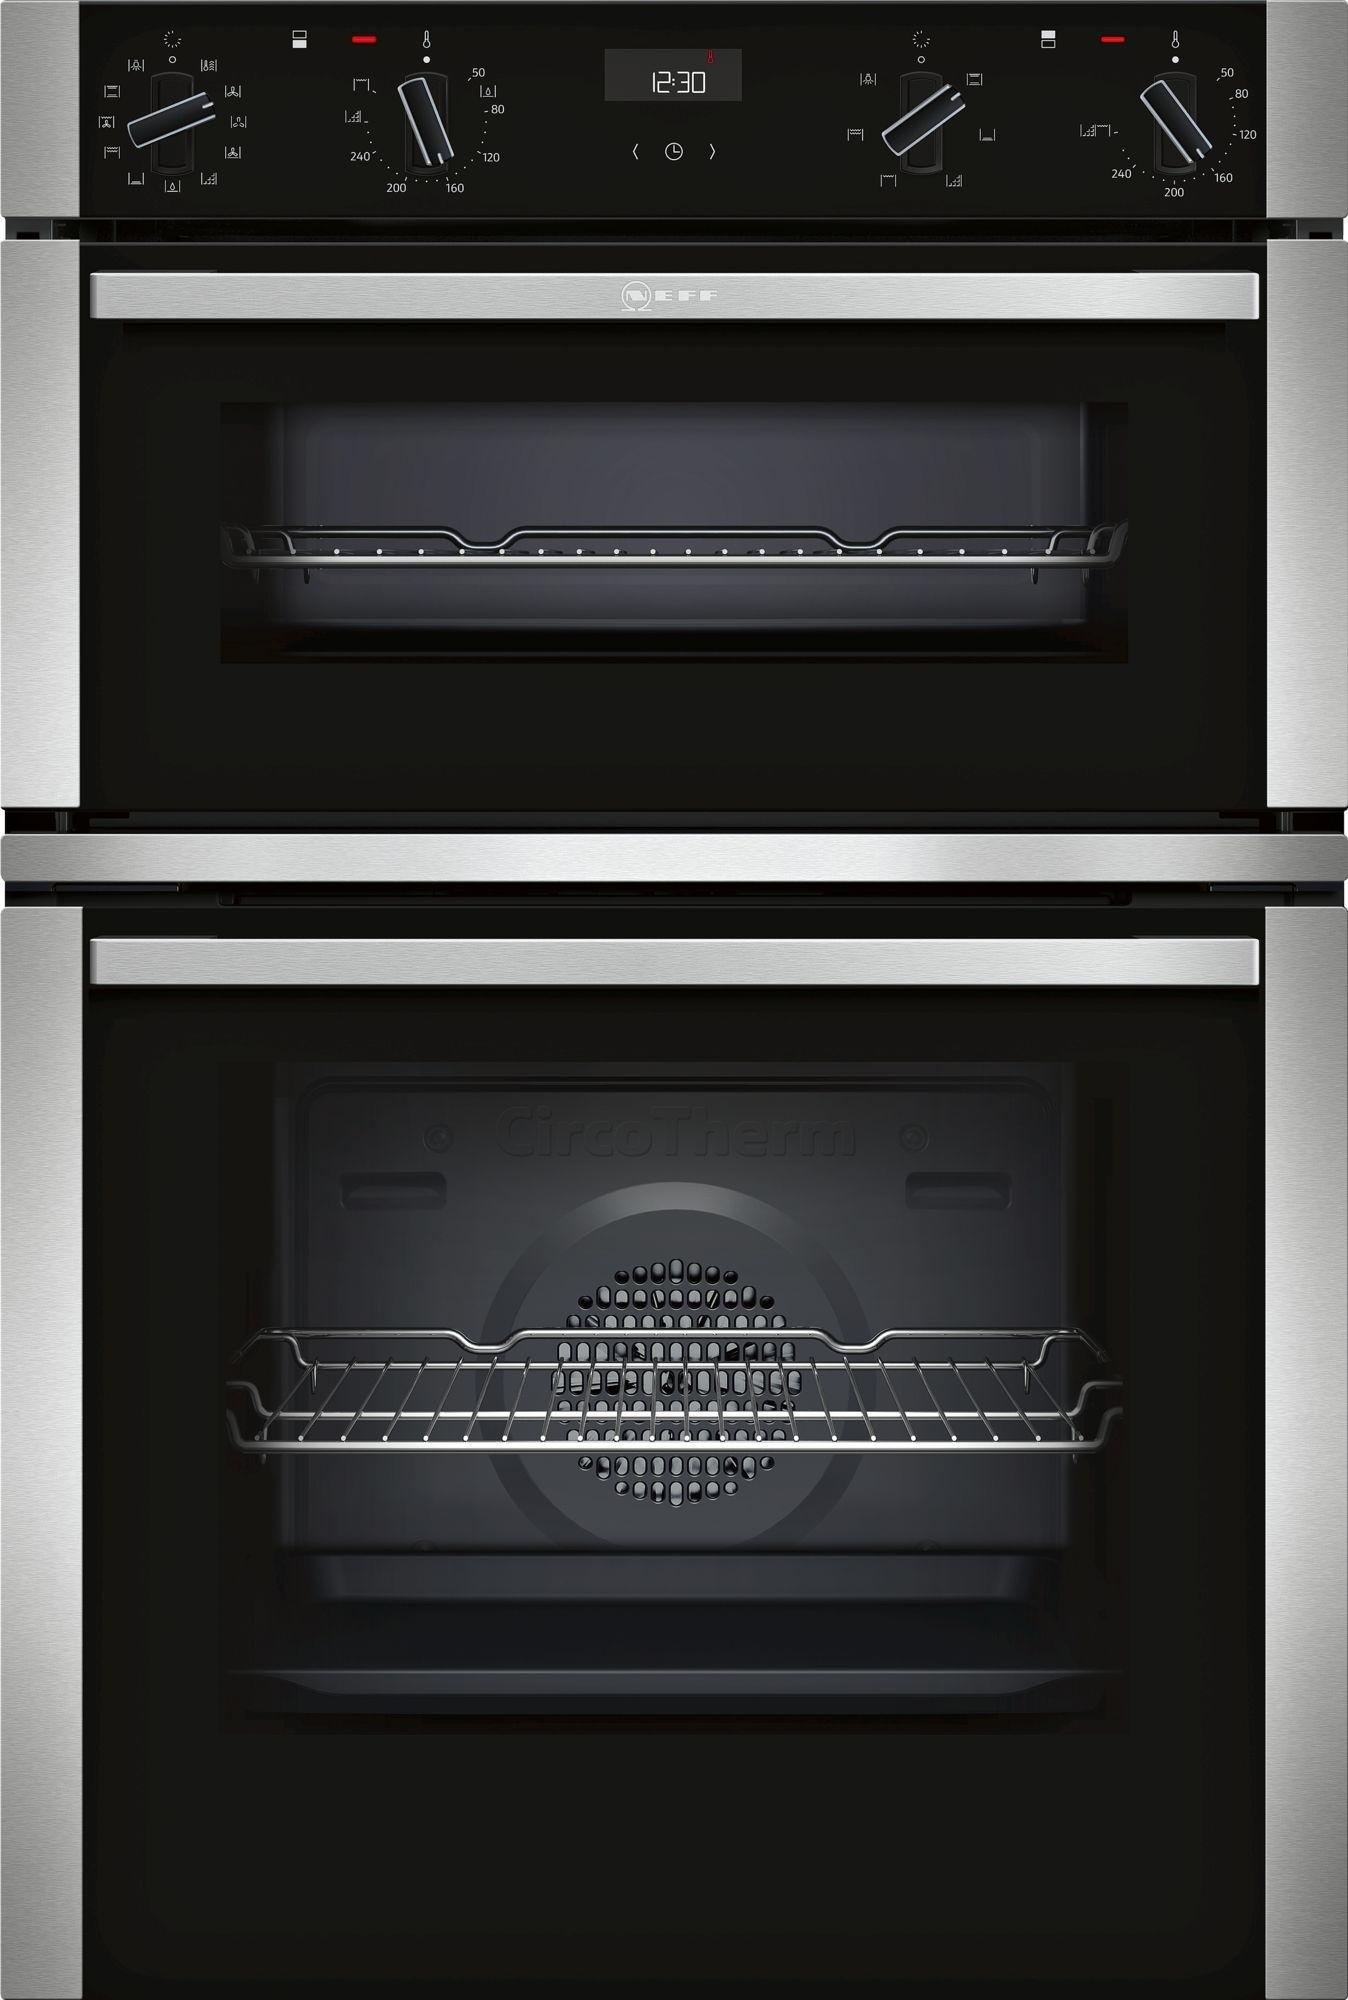 NEFF U1ACI5HN0B Double Oven